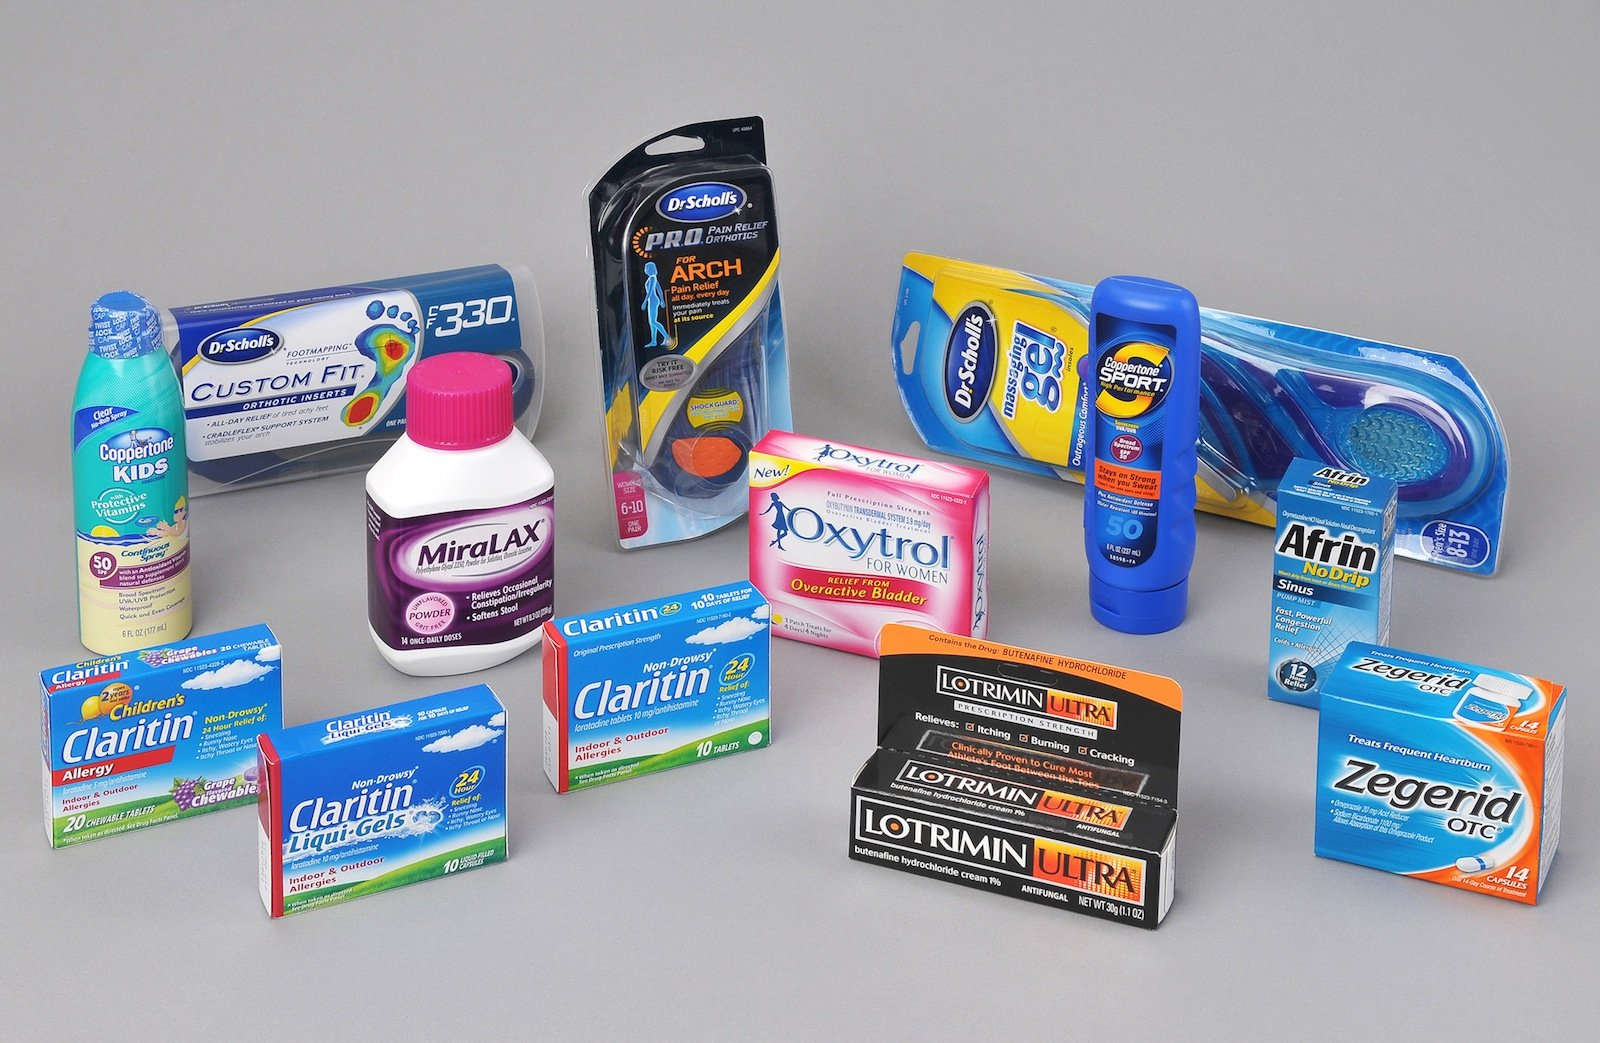 Künftig kann Bayer bei seinen rezeptfreien Artikeln auch Merck-Marken wie Kytta, Coppertone-Sonnencreme und die Fußpflegelinie Dr. Scholl's anbieten.